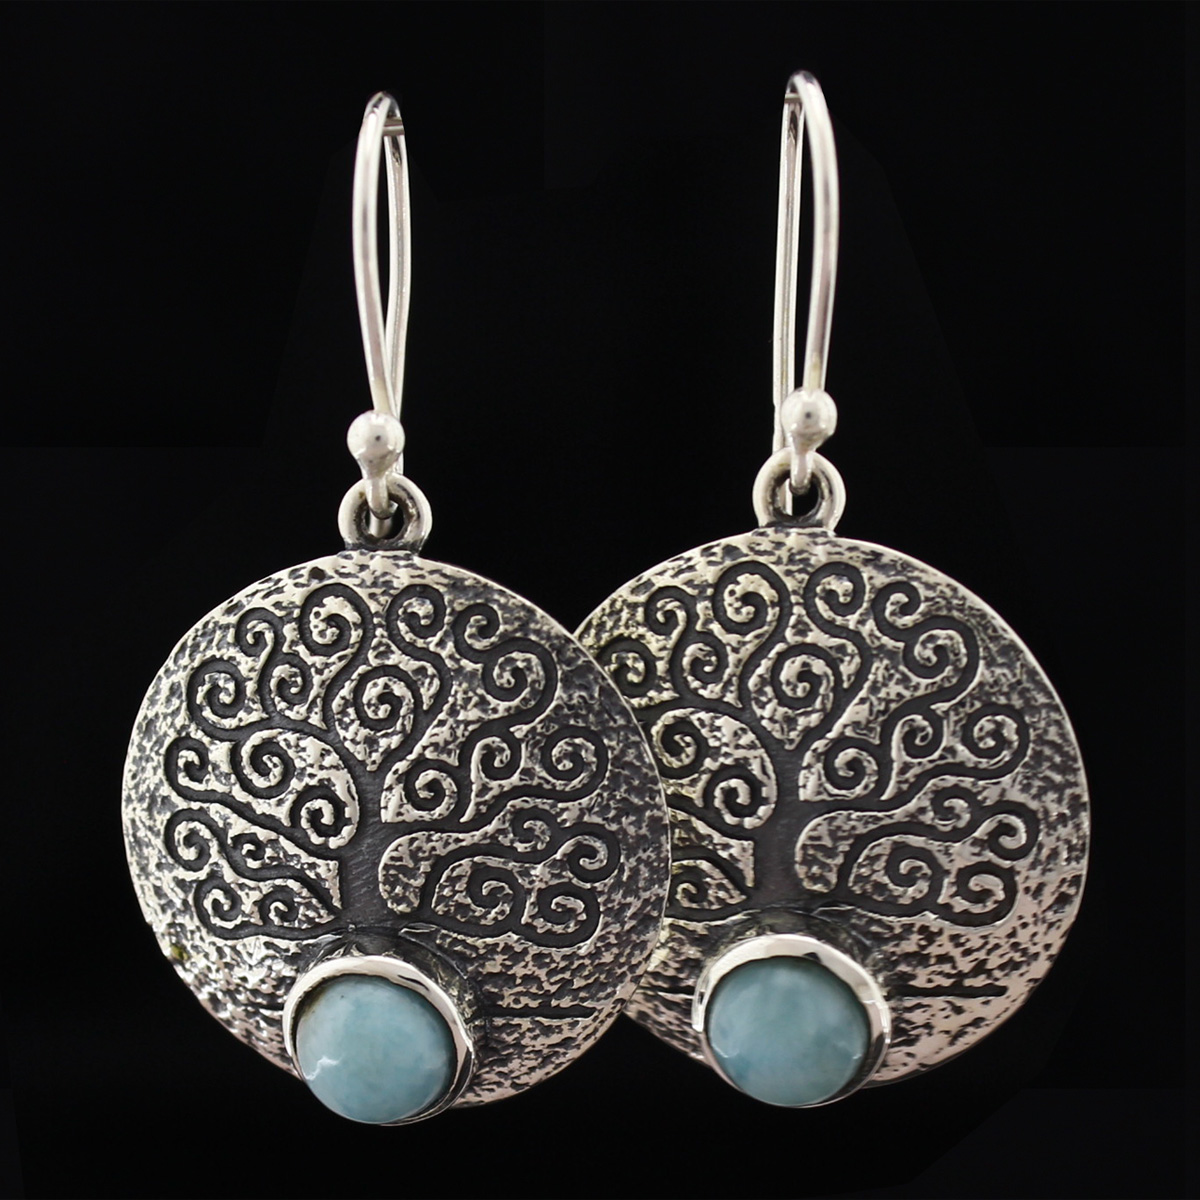 Серьги, серебро, натуральный камень, Ларимар, 6.97 г, проба 875